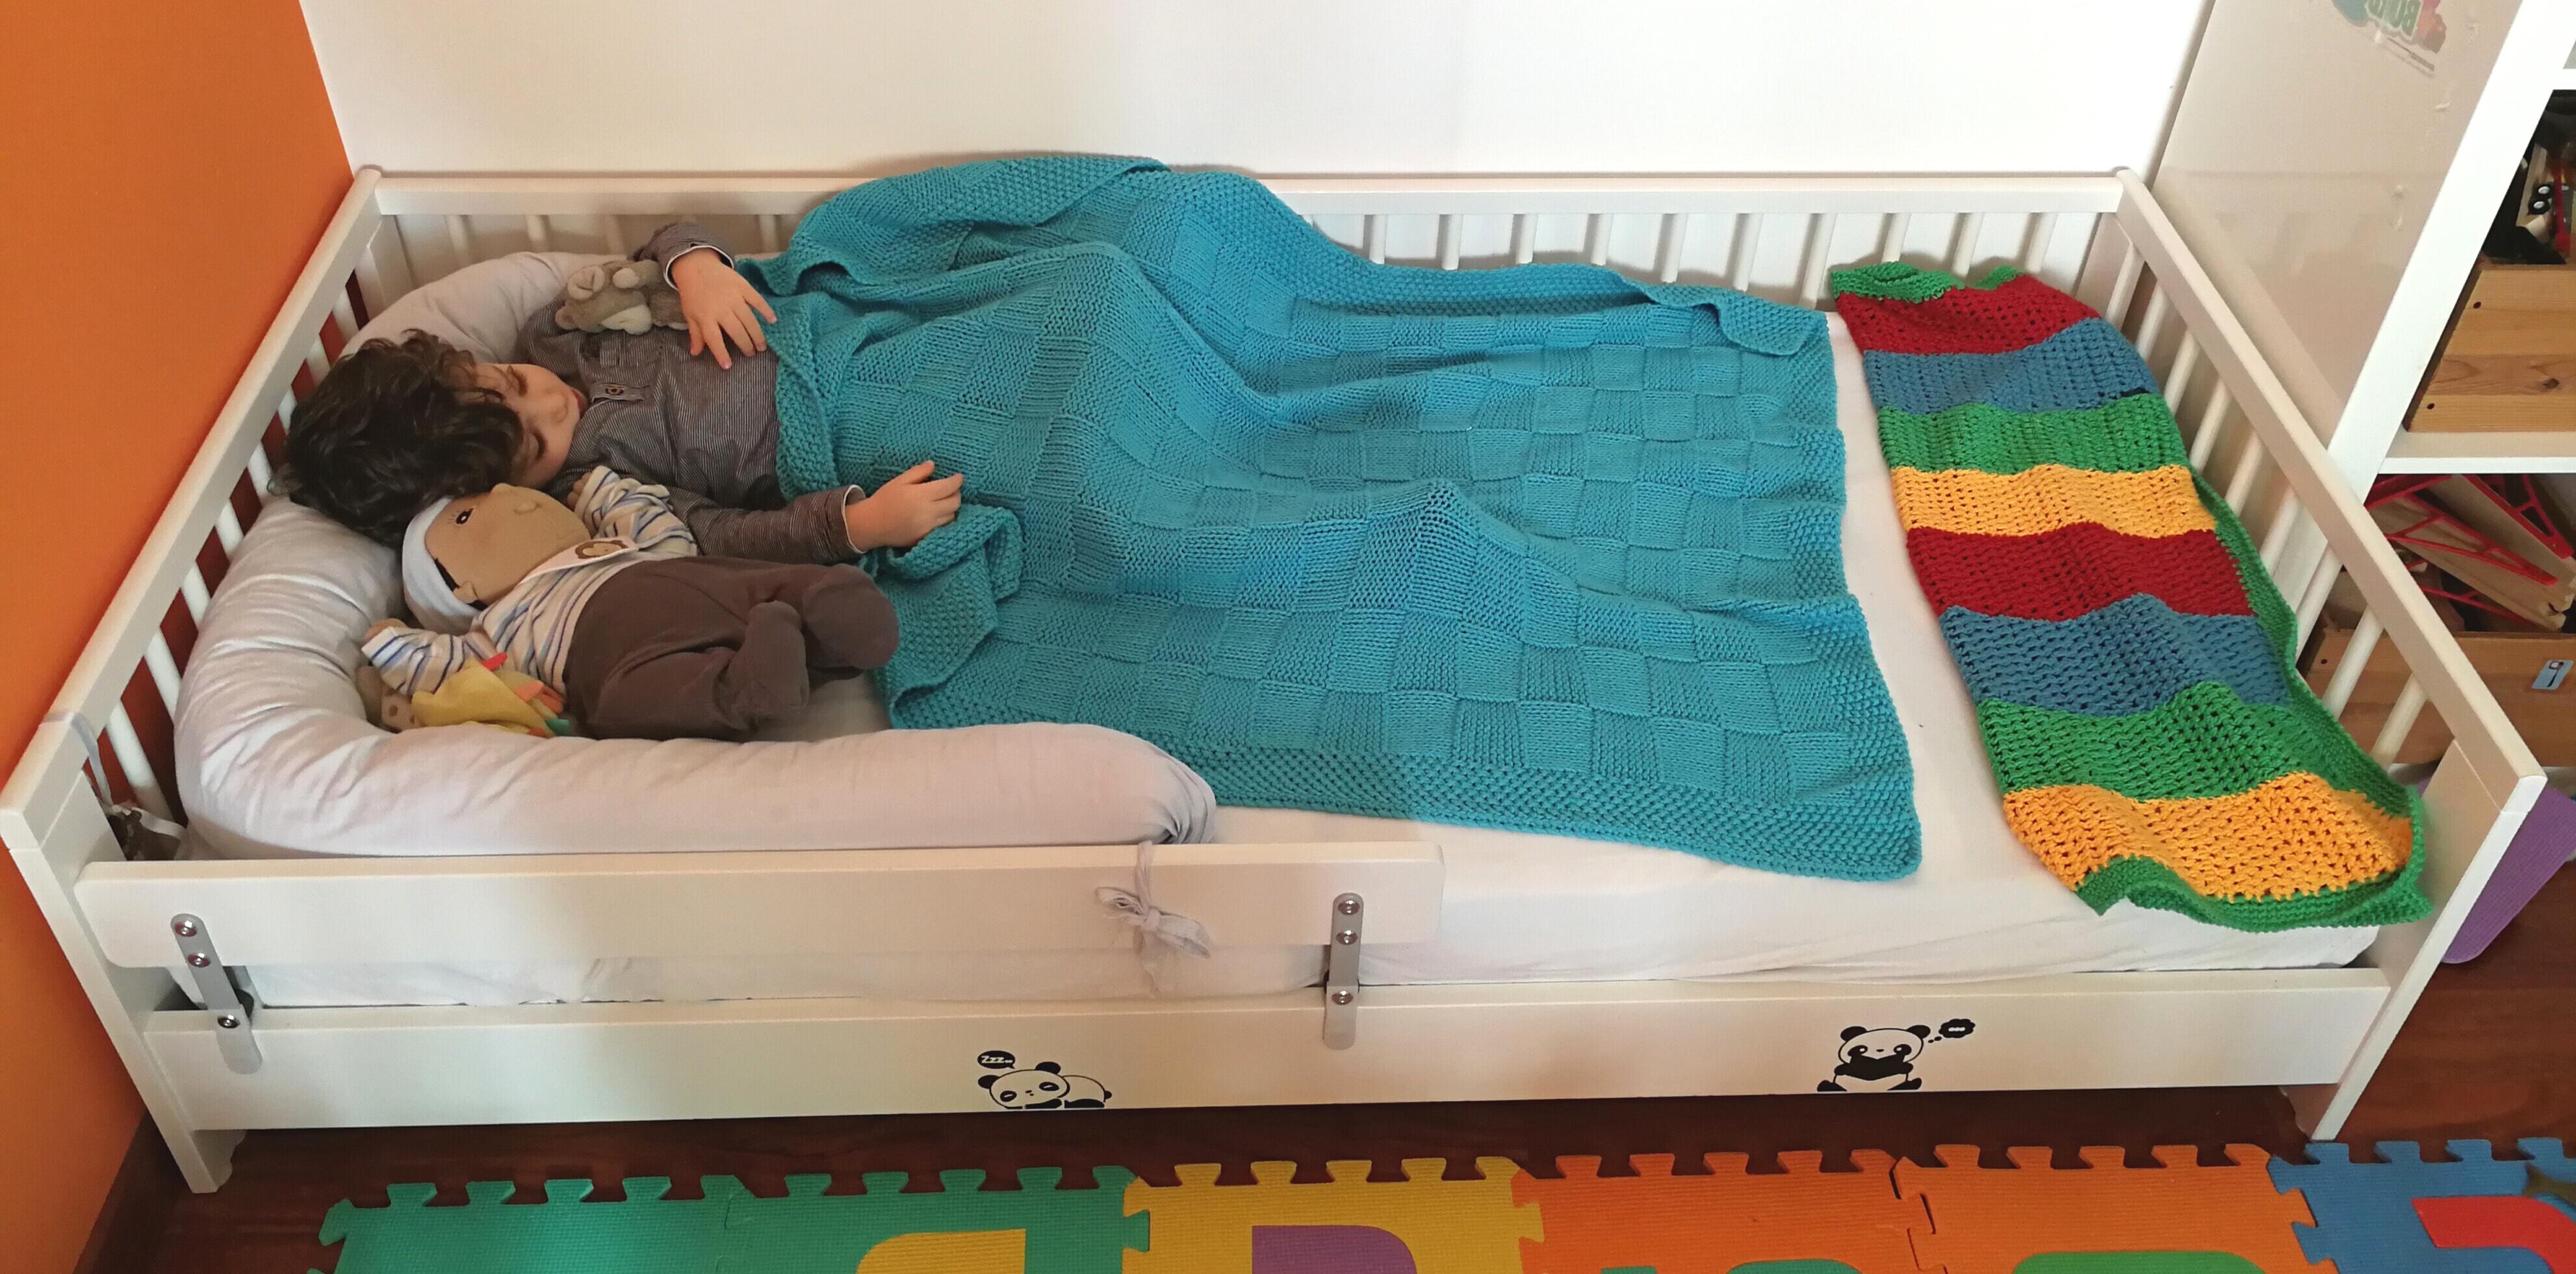 La nanna nel lettino montessori la bottega delle befane for Materassi lettino ikea